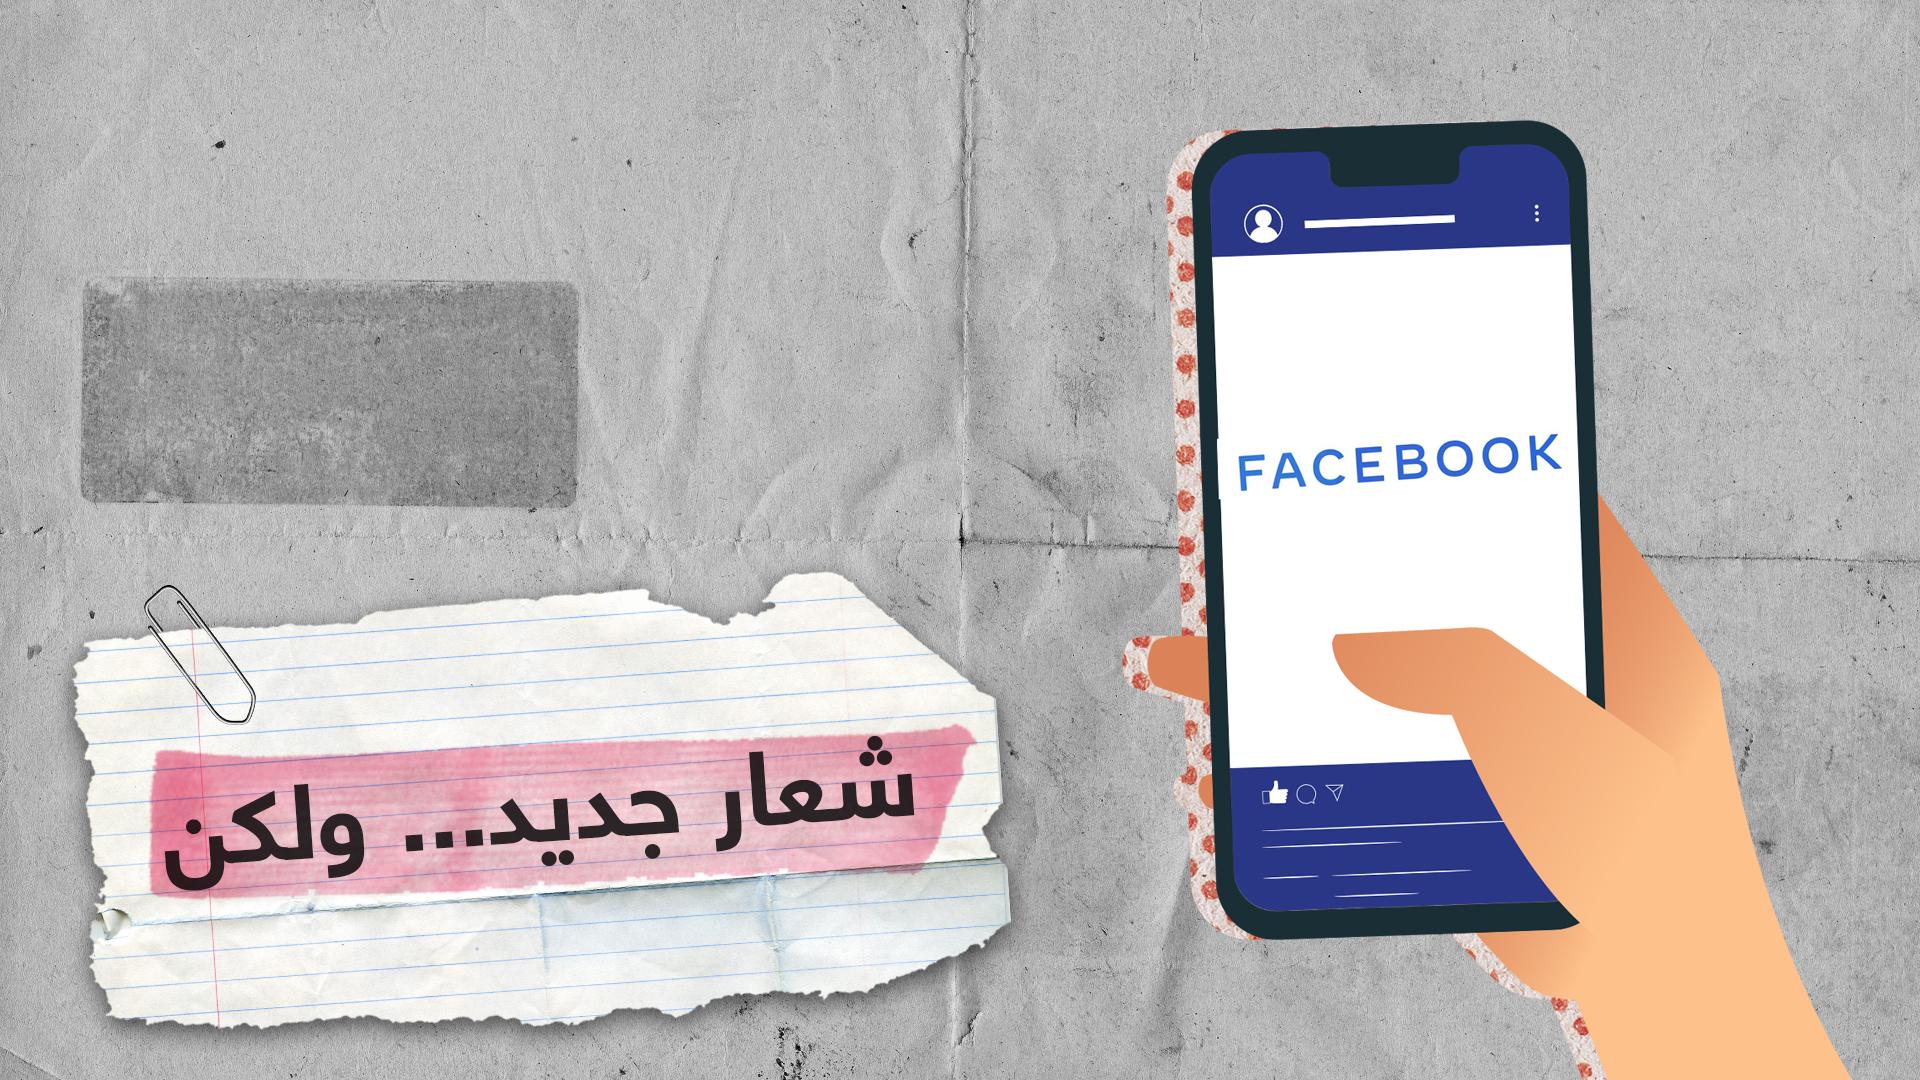 شعار جديد لفيسبوك.. فماذا تغير؟